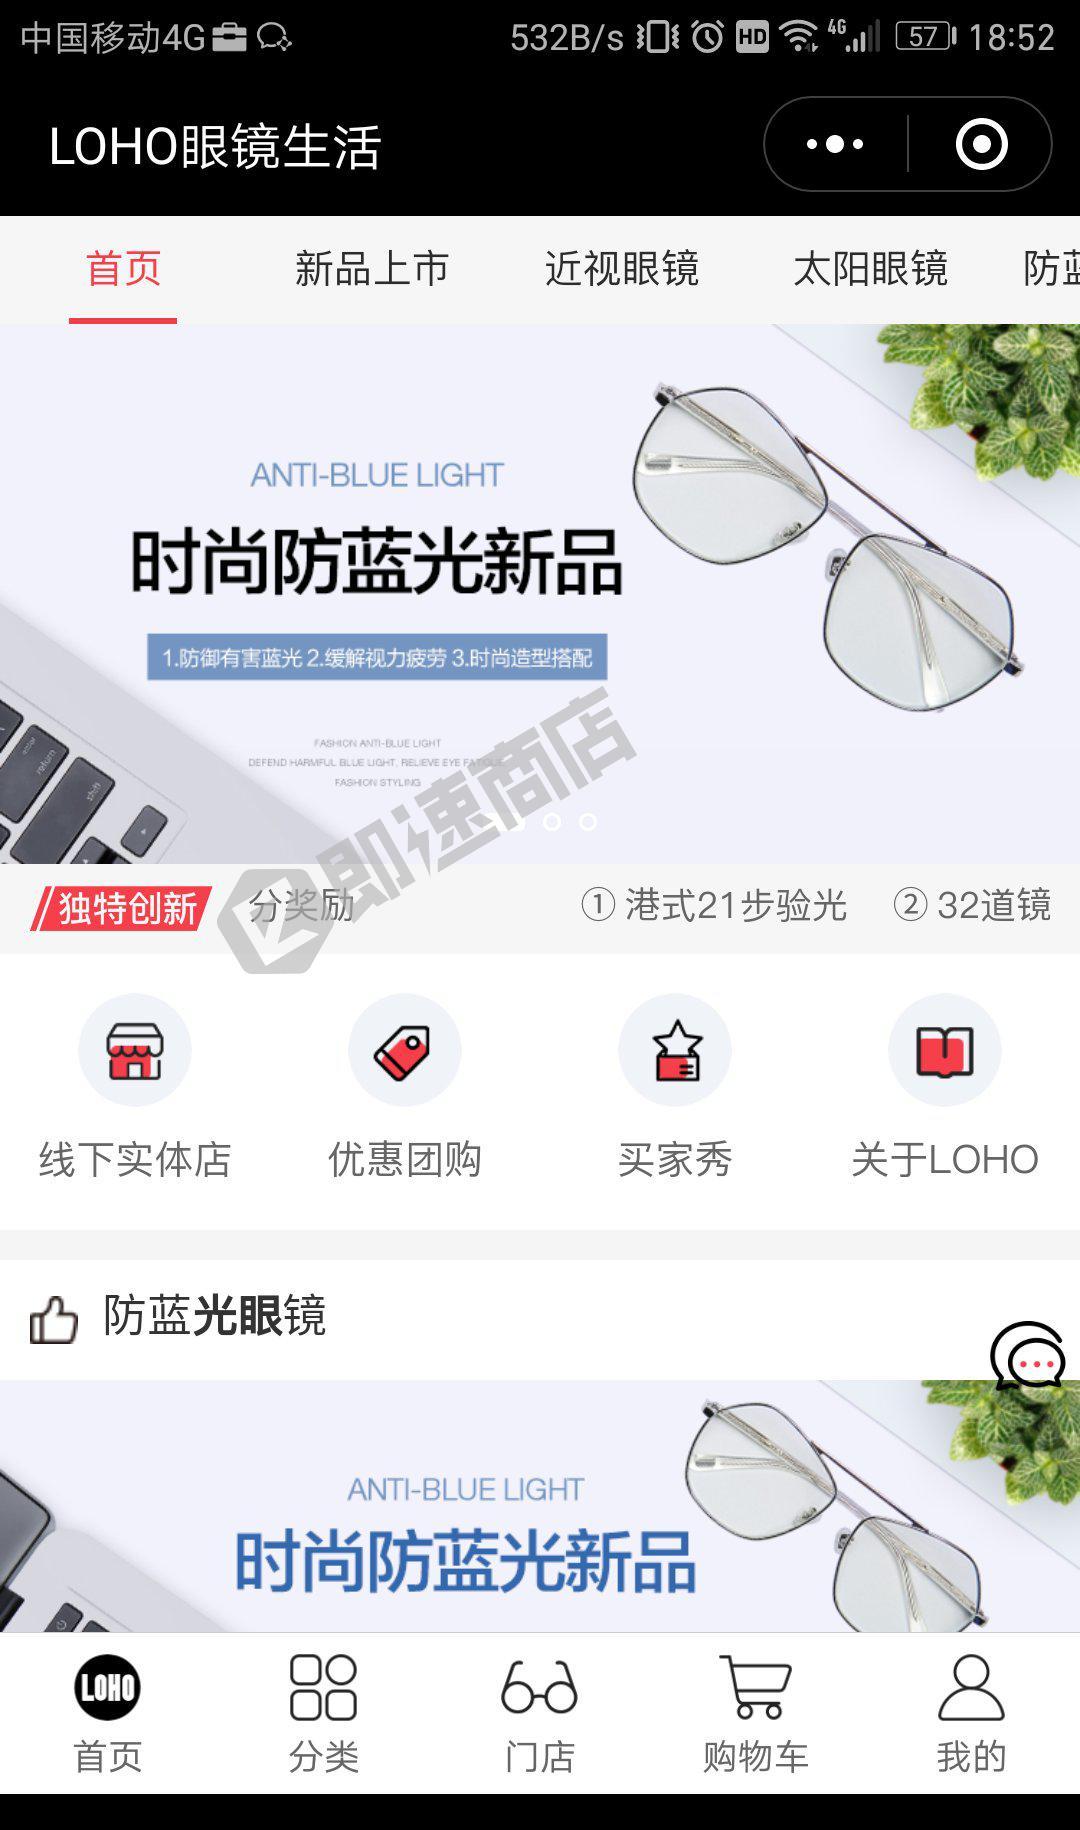 LOHO眼镜生活旗舰店小程序列表页截图